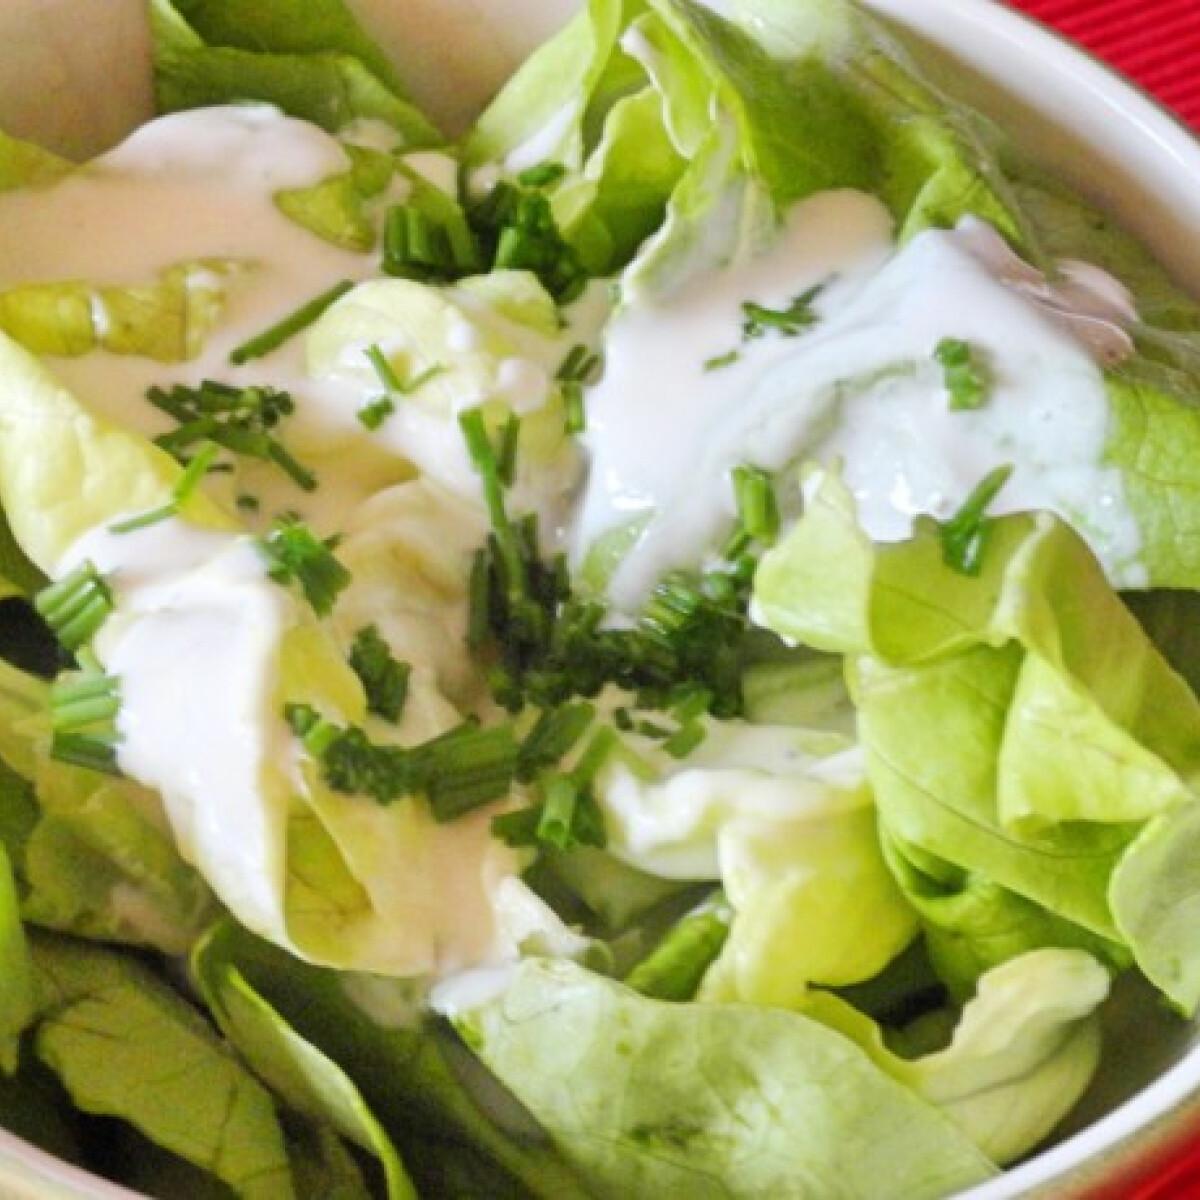 Ezen a képen: Fejes saláta joghurt dresszinggel